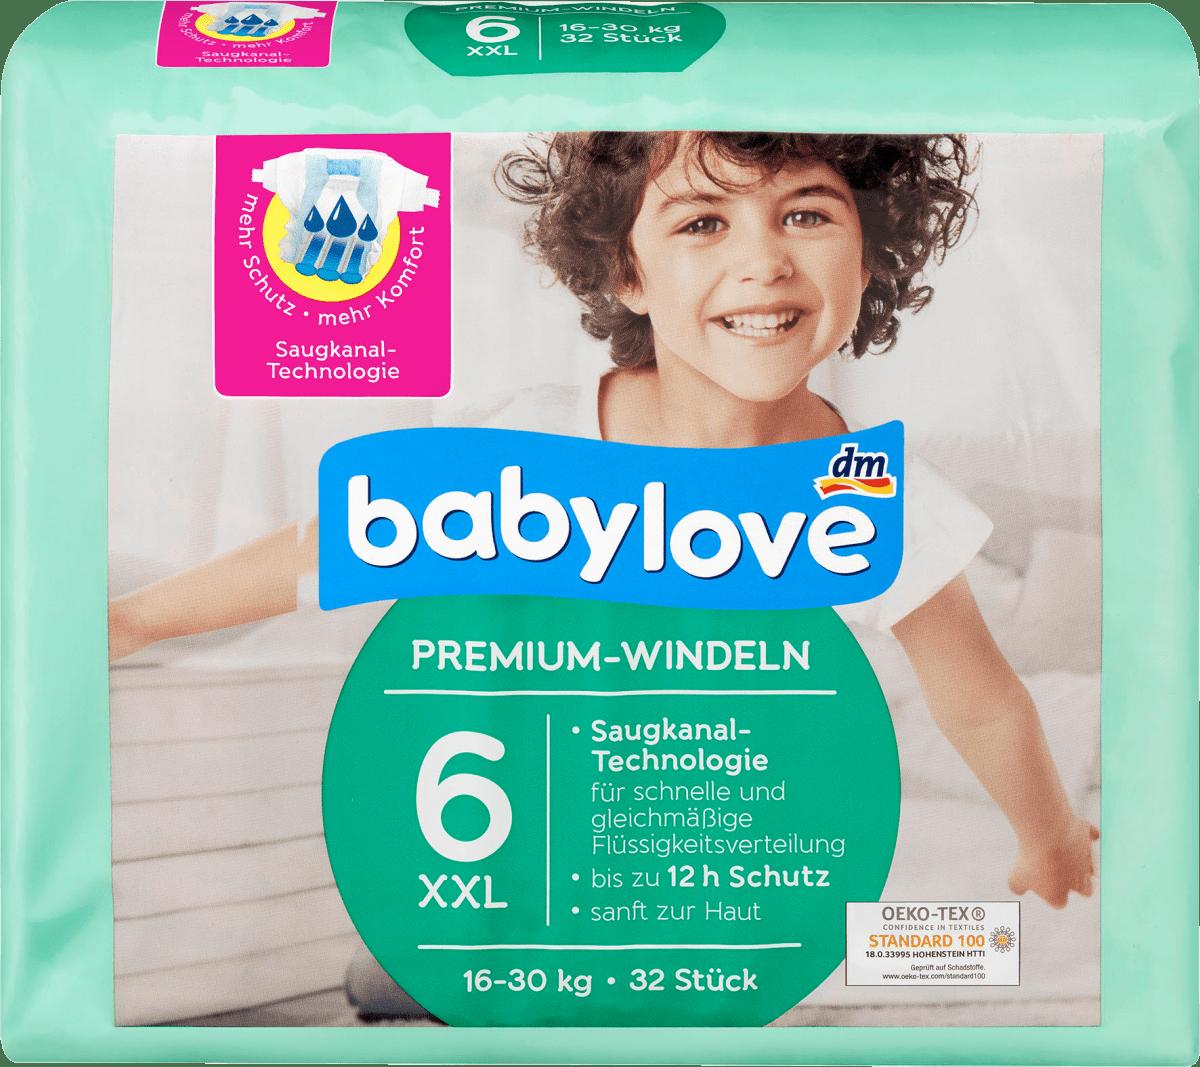 babylove windeln premium größe 6 xxl 1630kg 32 st